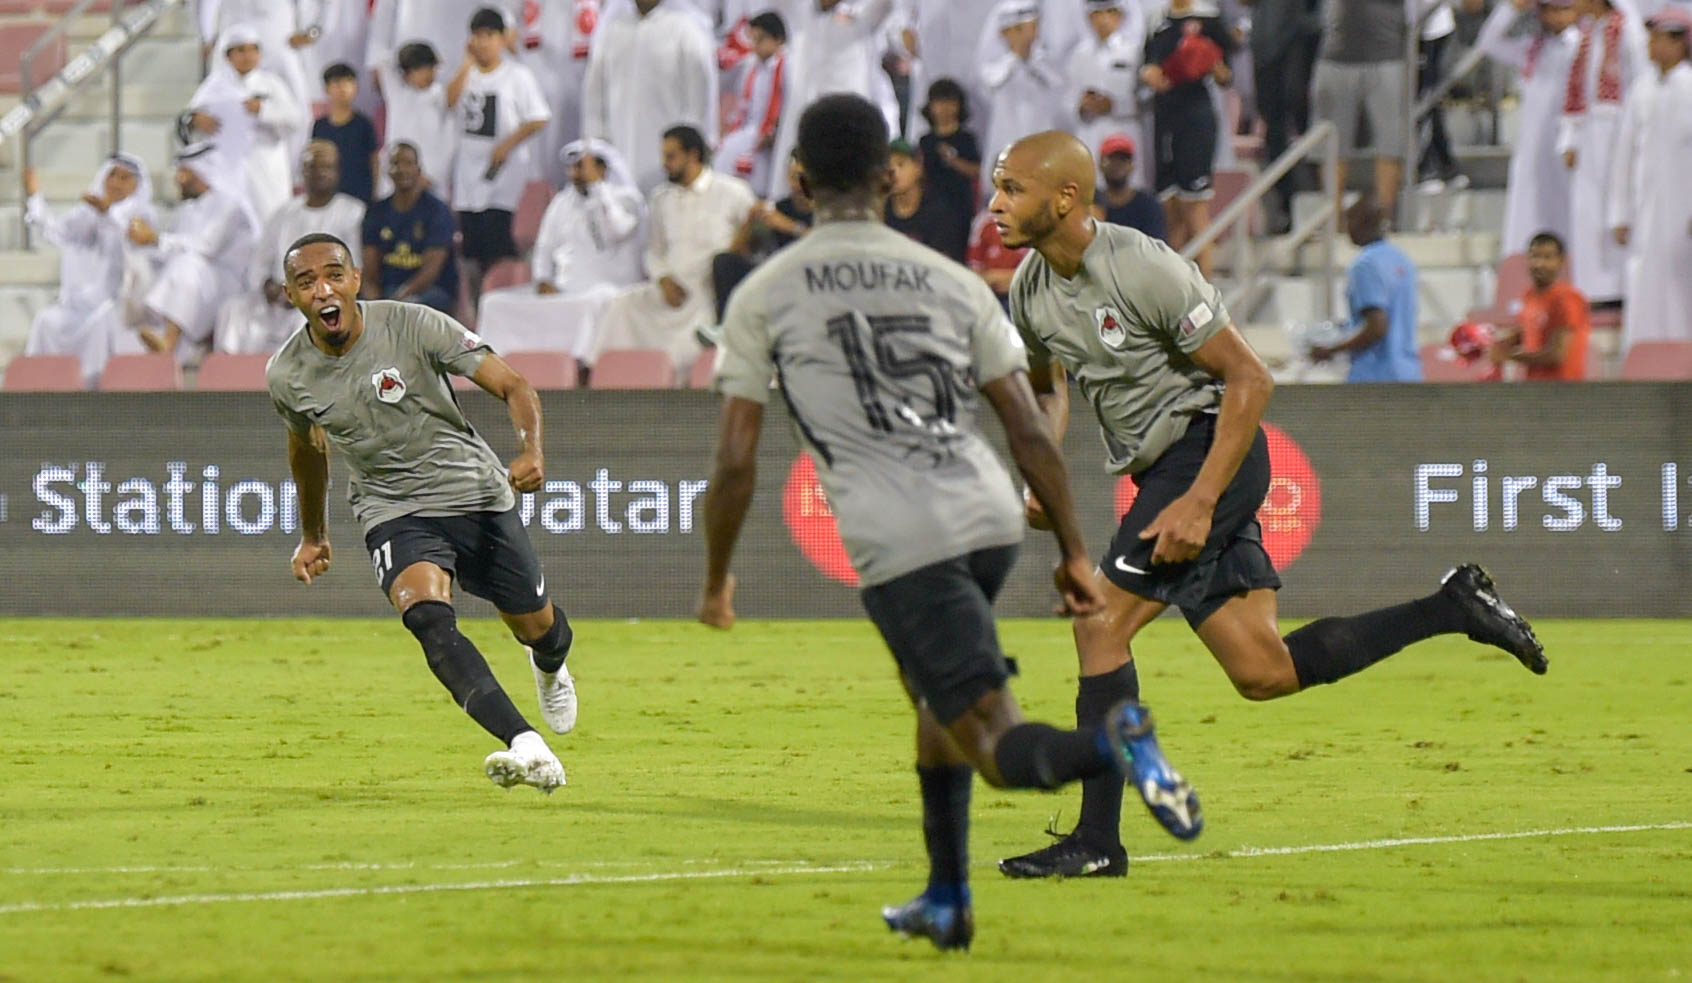 ياسين براهيمي افضل لاعب لشهر أكتوبر بالدوري القطري 24